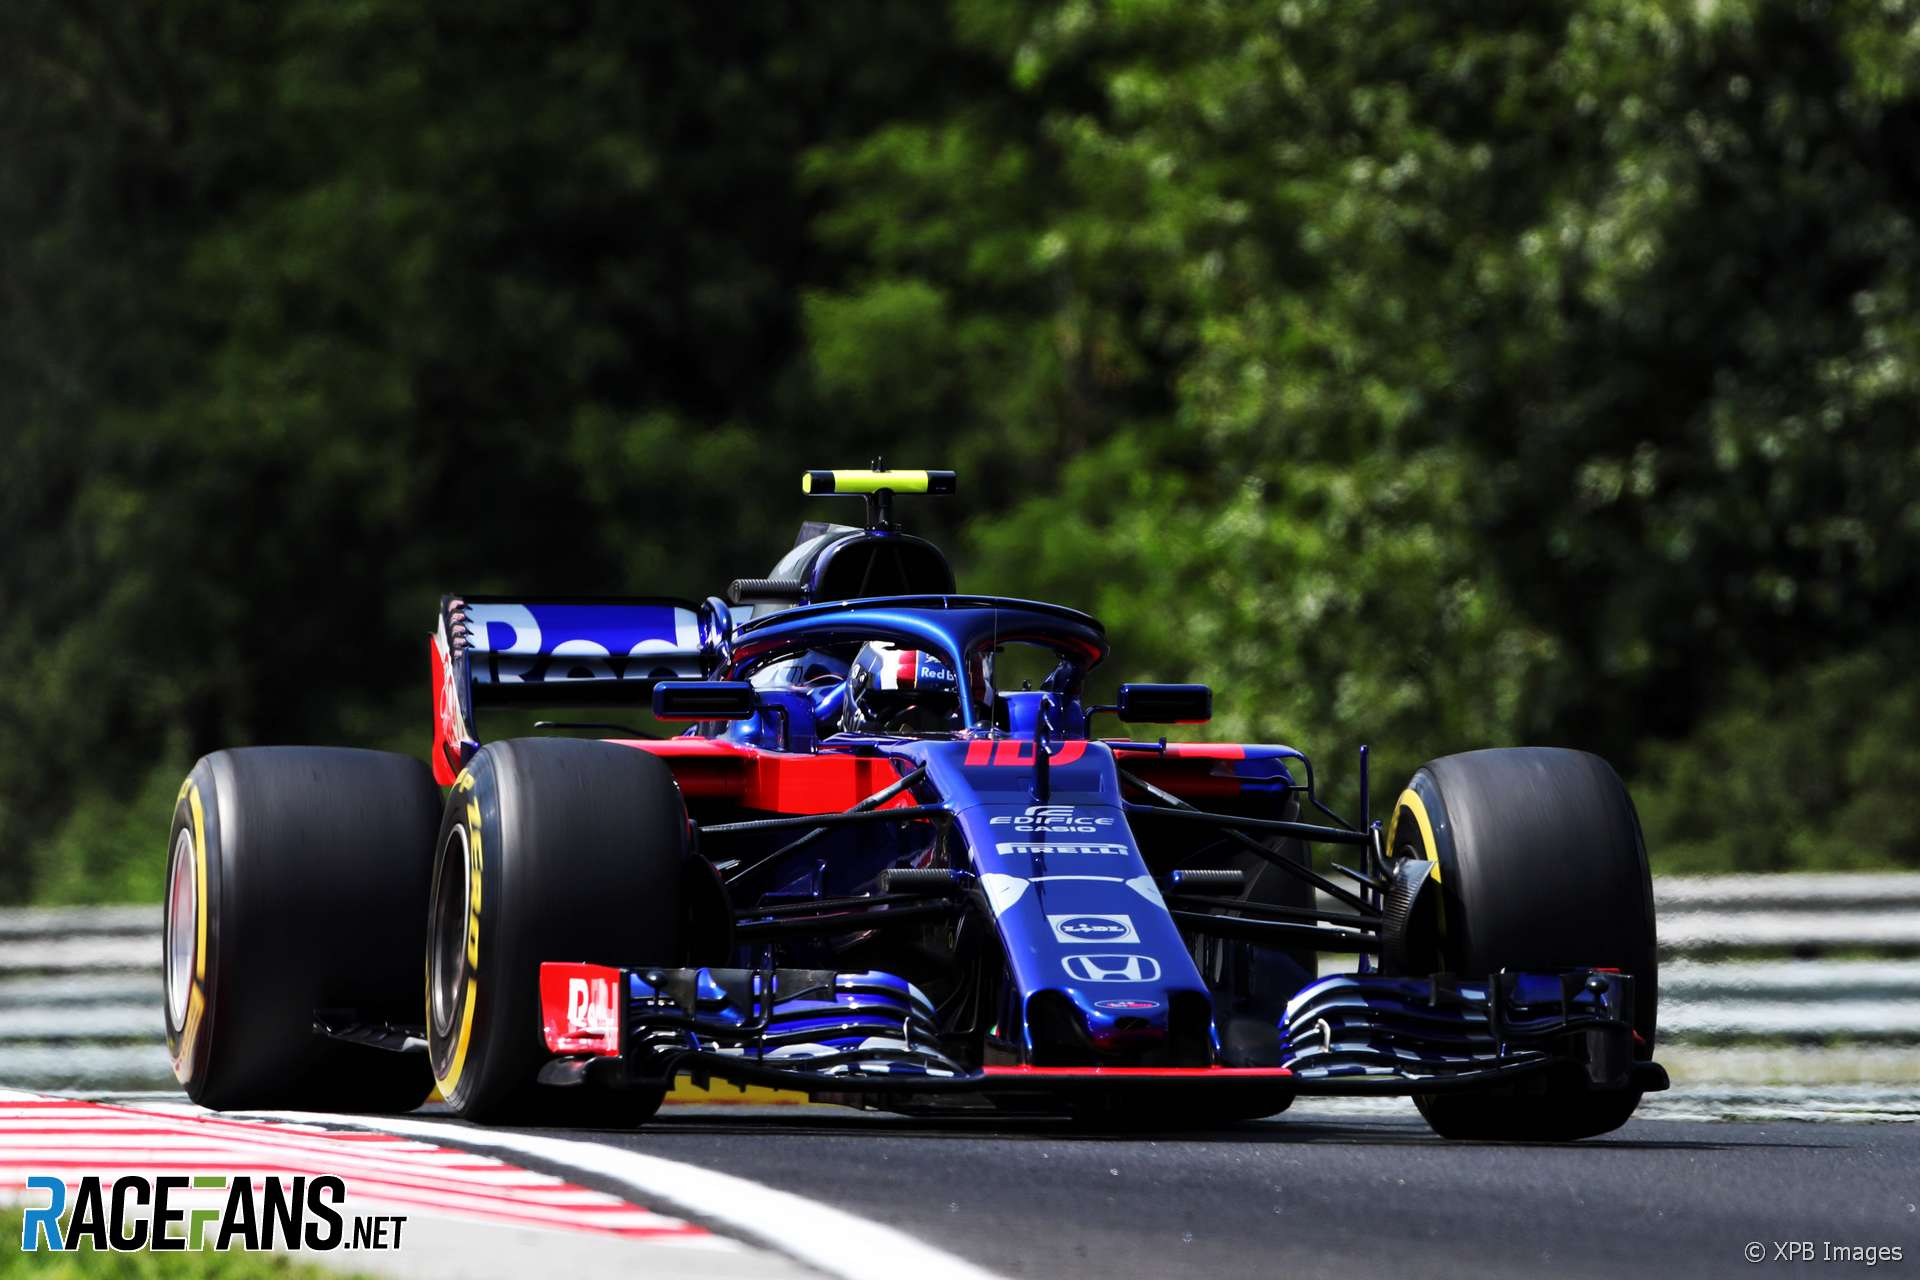 racefansdotnet-20180727-144744-54.jpg